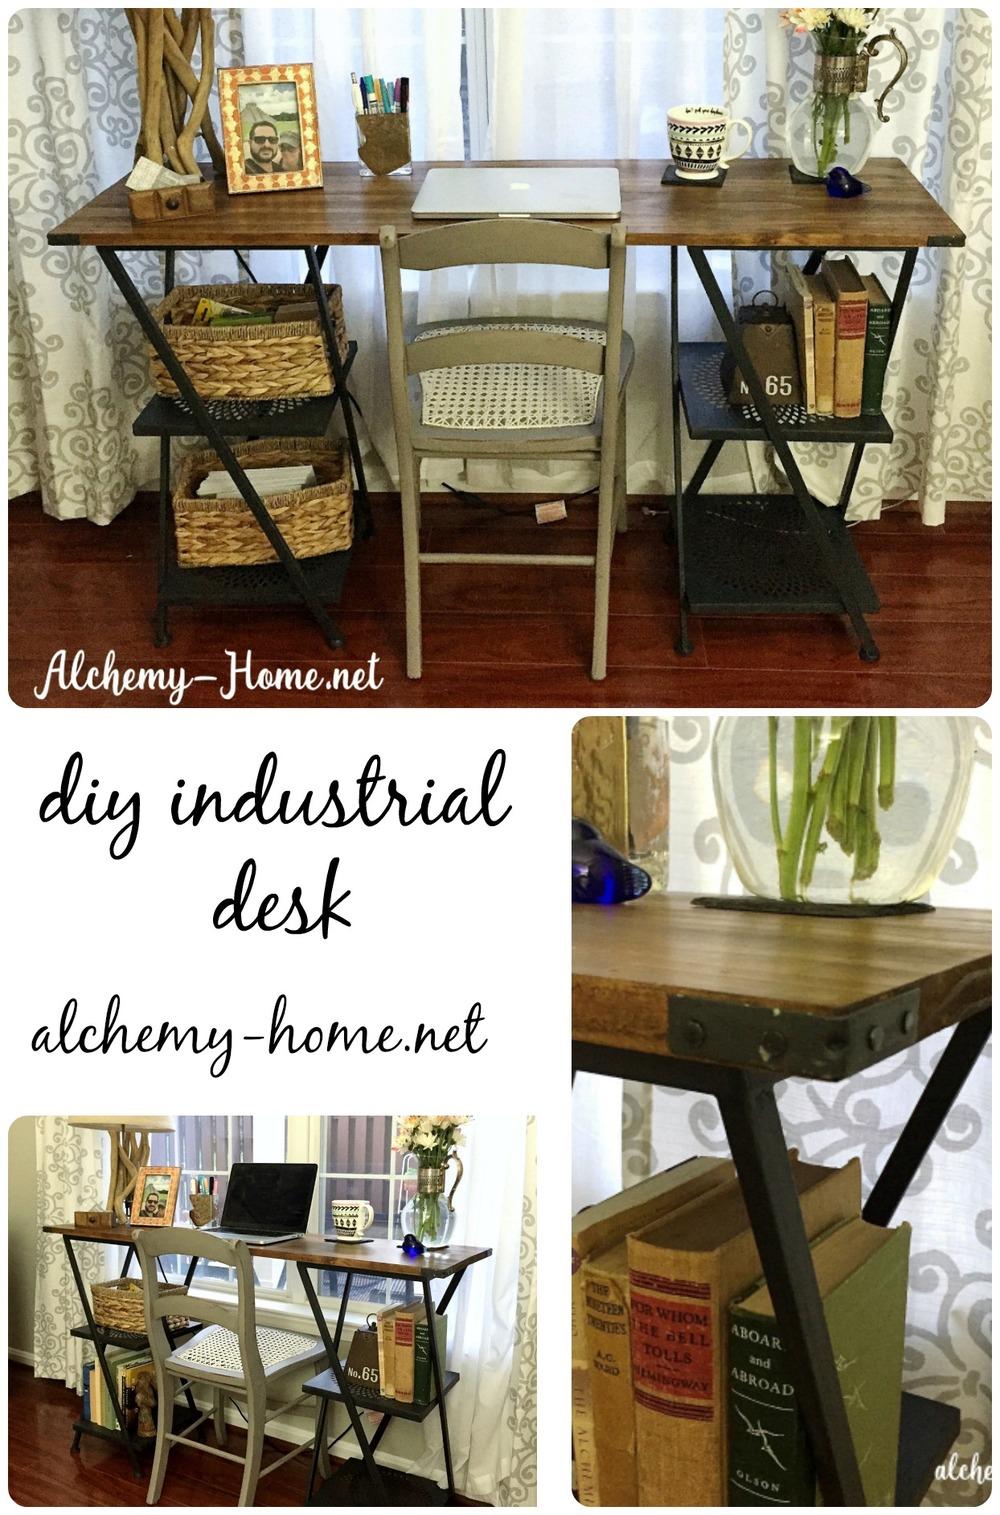 Easy Diy Industrial Desk Tutorial No Power Tools Needed Alchemy Home